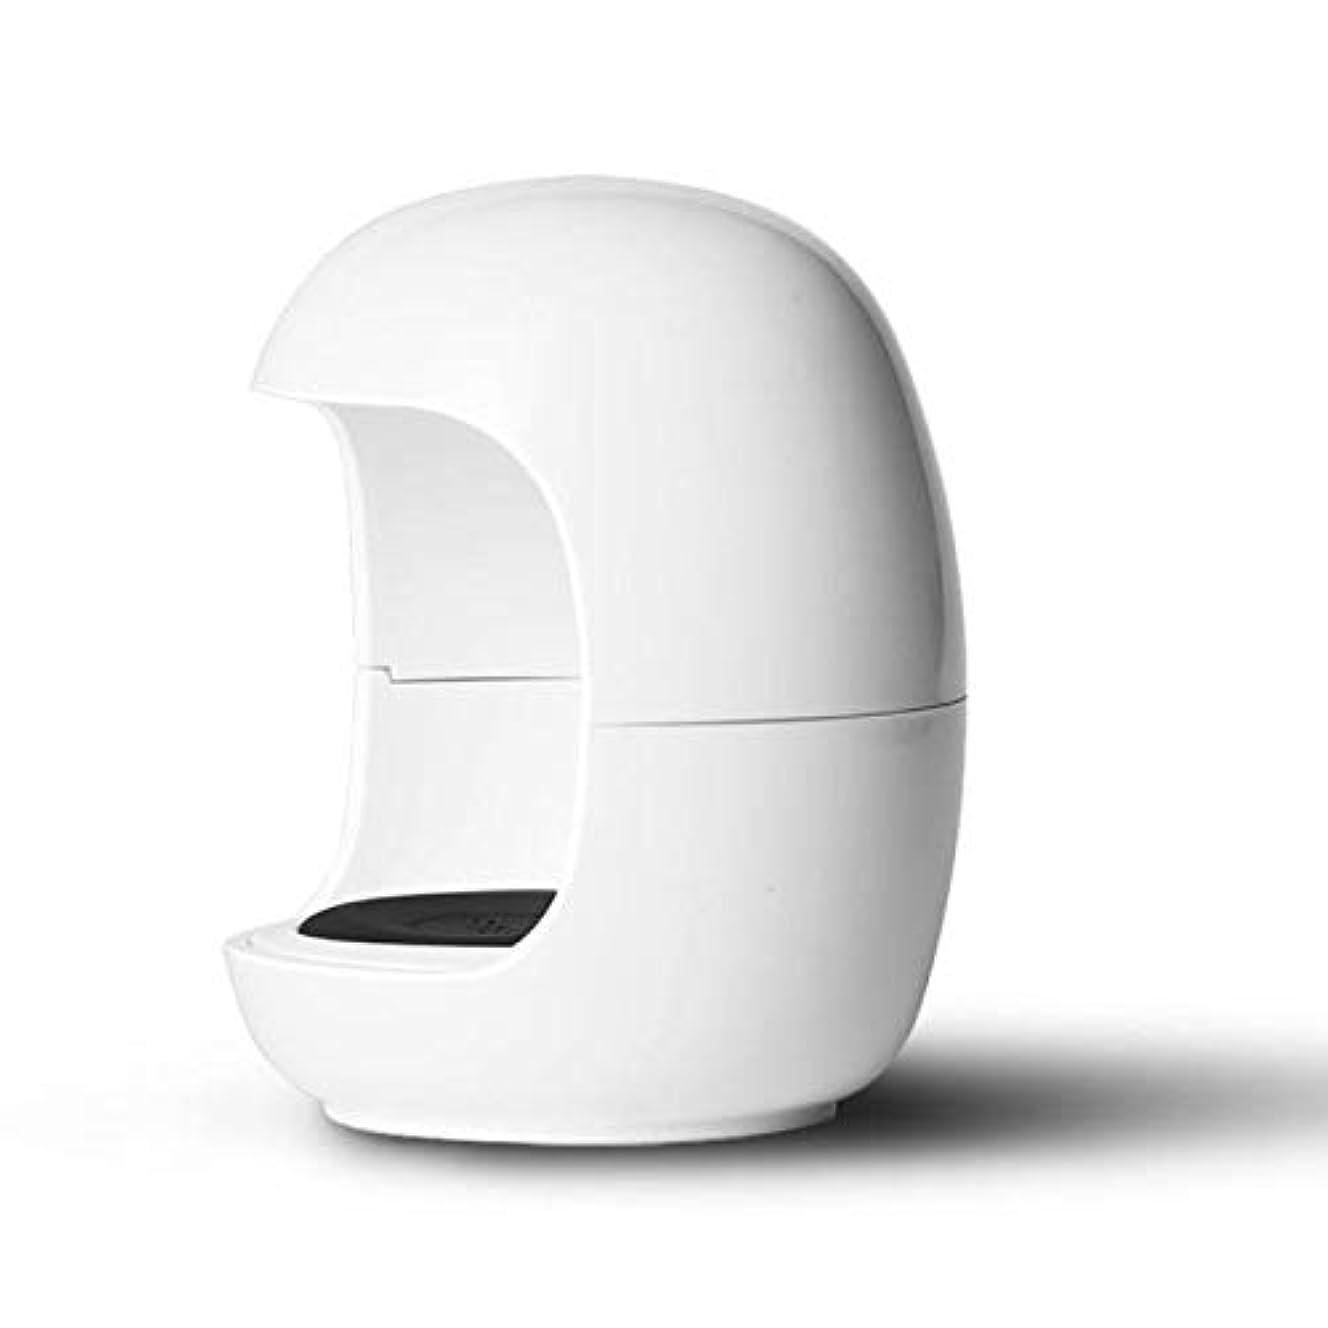 入場料規則性悪党Cikuso 新しい卵形状 ネイルuvランプ ミニポケットジェルネイルポリッシュドライヤー ポータブル シングルネイルLED uv硬化ライトランプ